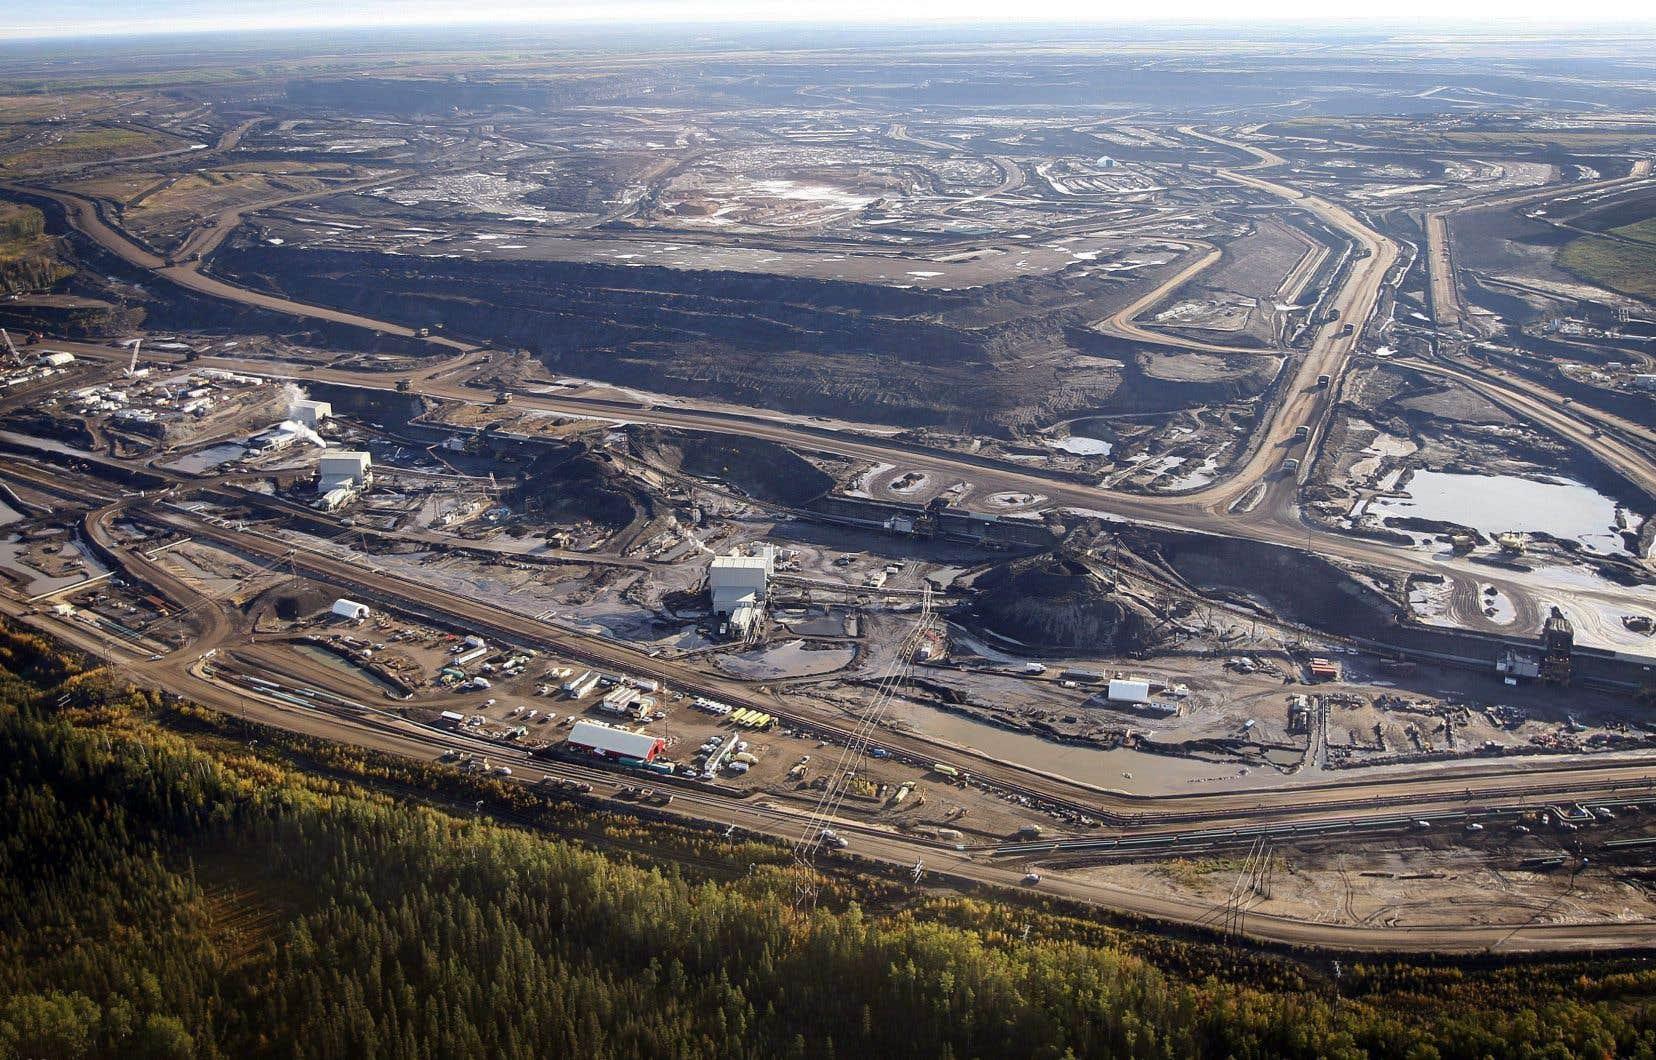 Avec Keystone XL, l'objectif de TransCanada est detransporter quotidiennement 830 000 barils de pétrole des sables bitumineux de l'Alberta jusqu'aux raffineries du Texas.